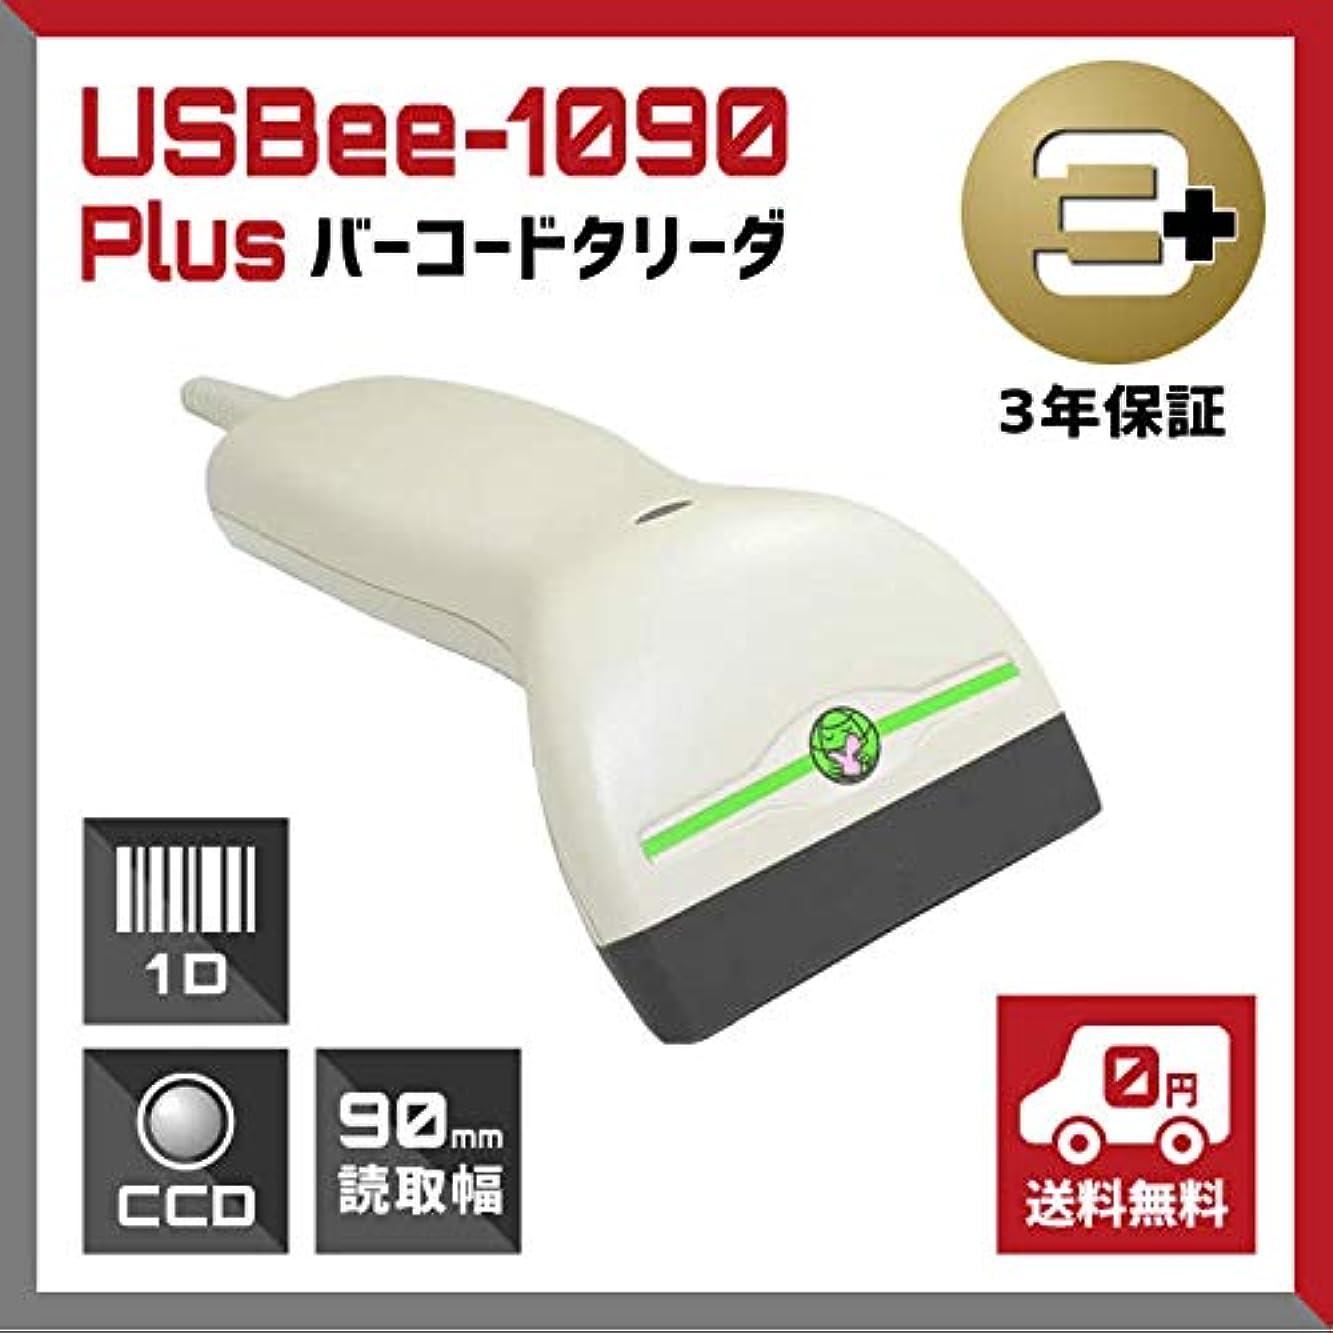 ペチコート残高鑑定バーコードタッチスキャナー 90mm幅 MODEL バーコードリーダー USBee-1090Plus DOS/V キーボード接続 ウェルコムデザイン